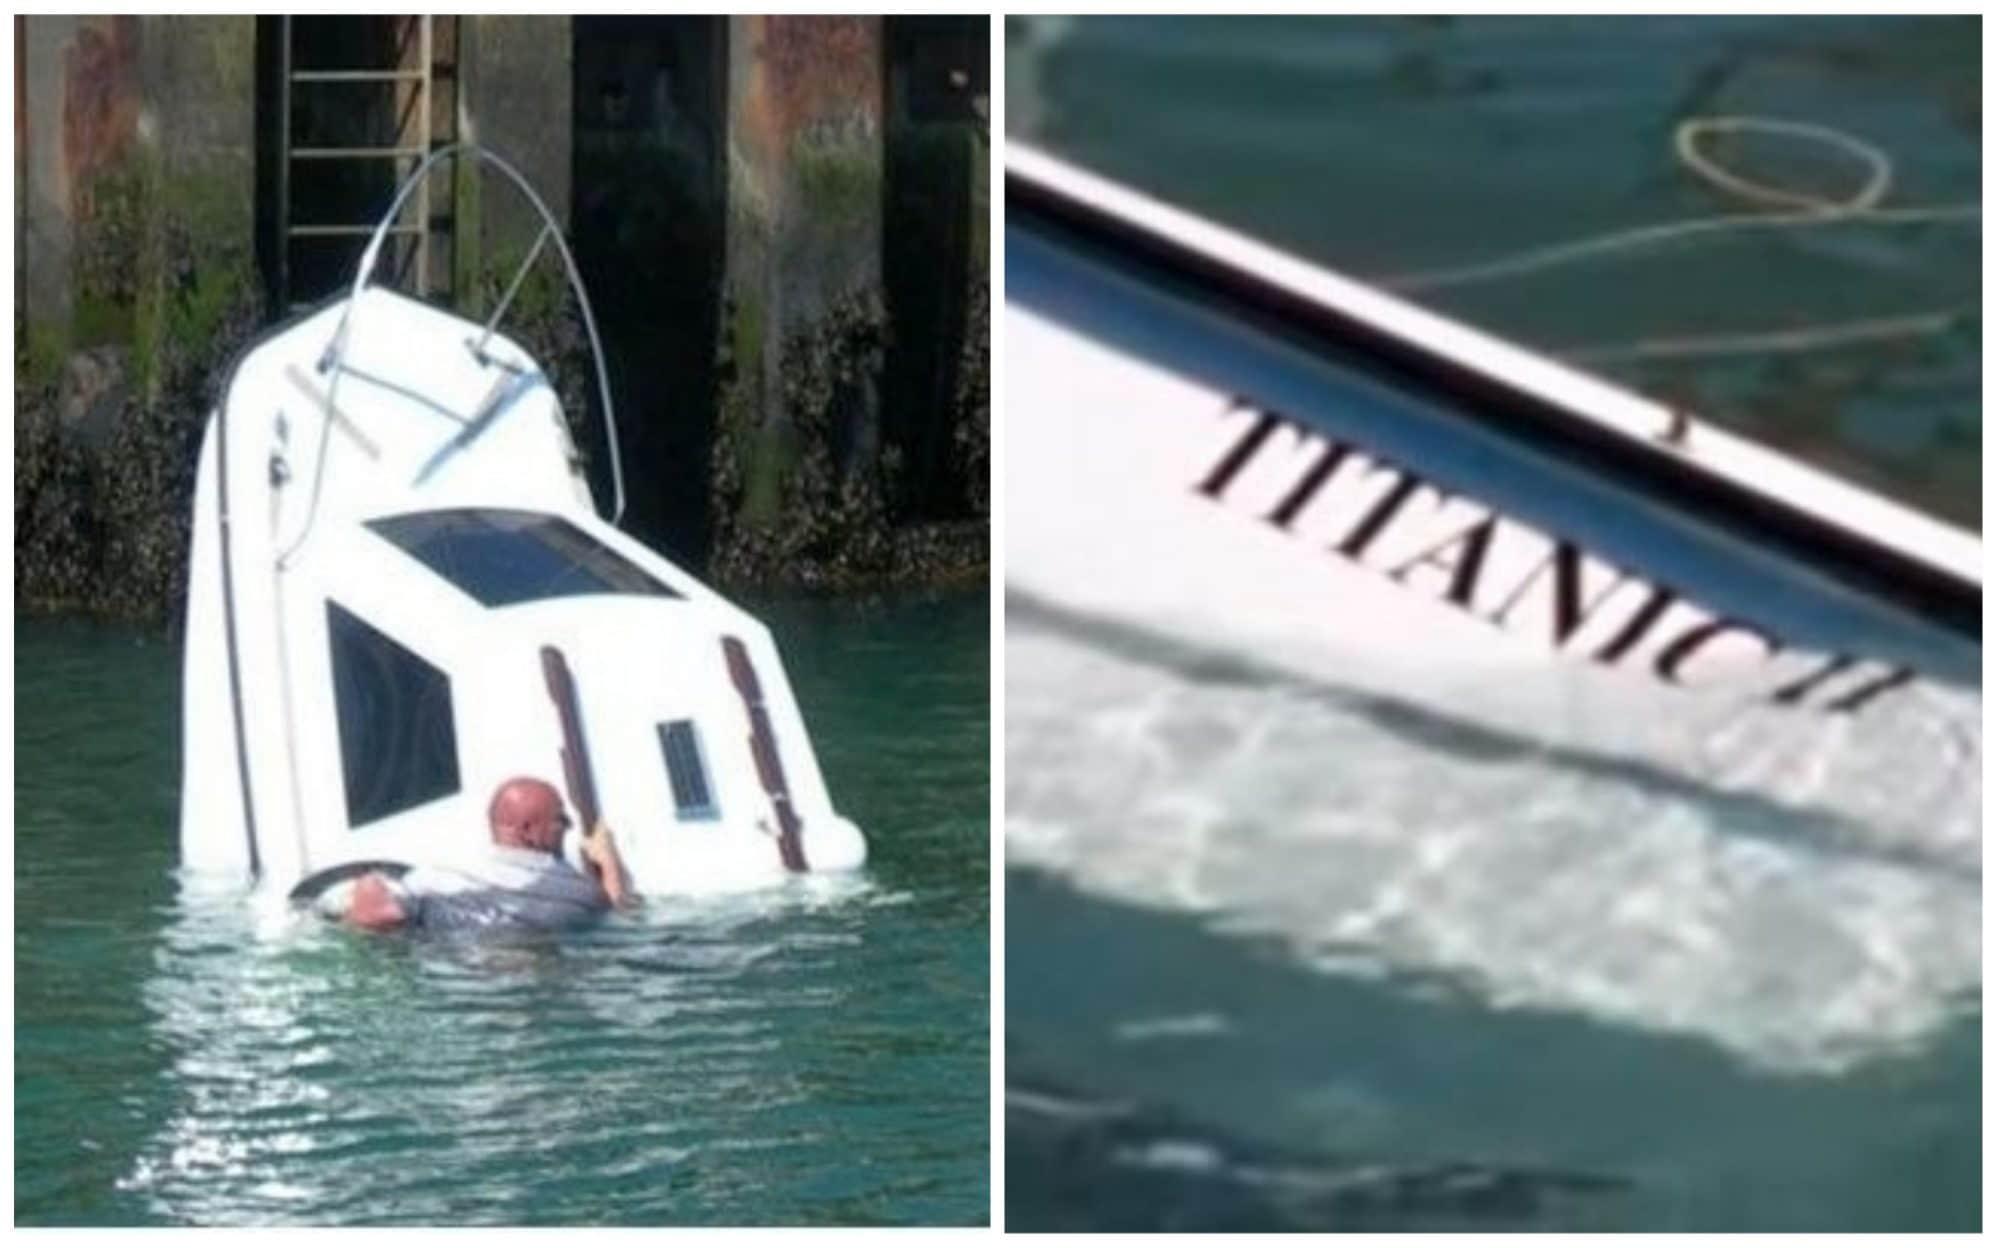 25 самых странных и смешных названий лодок, мимо которых без улыбки не пройти!